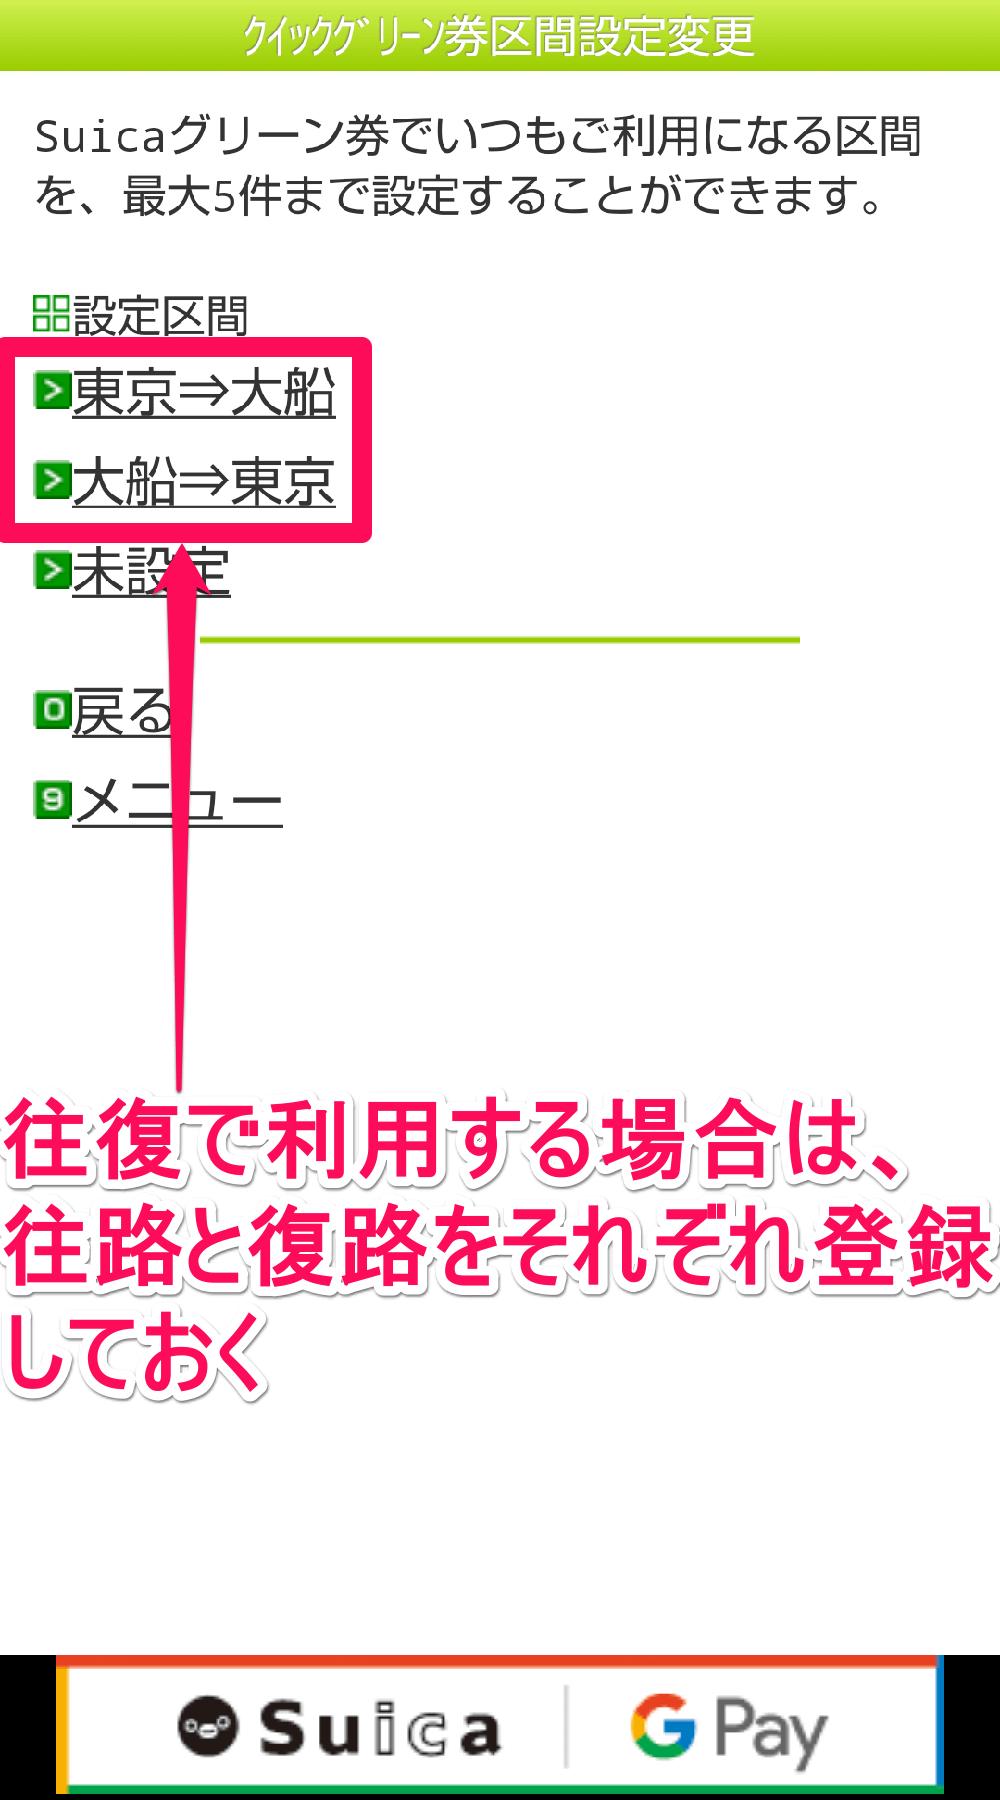 Android(アンドロイド)版「モバイルSuica」(モバイルスイカ)アプリで、クイックグリーン券を往復区間でそれぞれ登録した画面